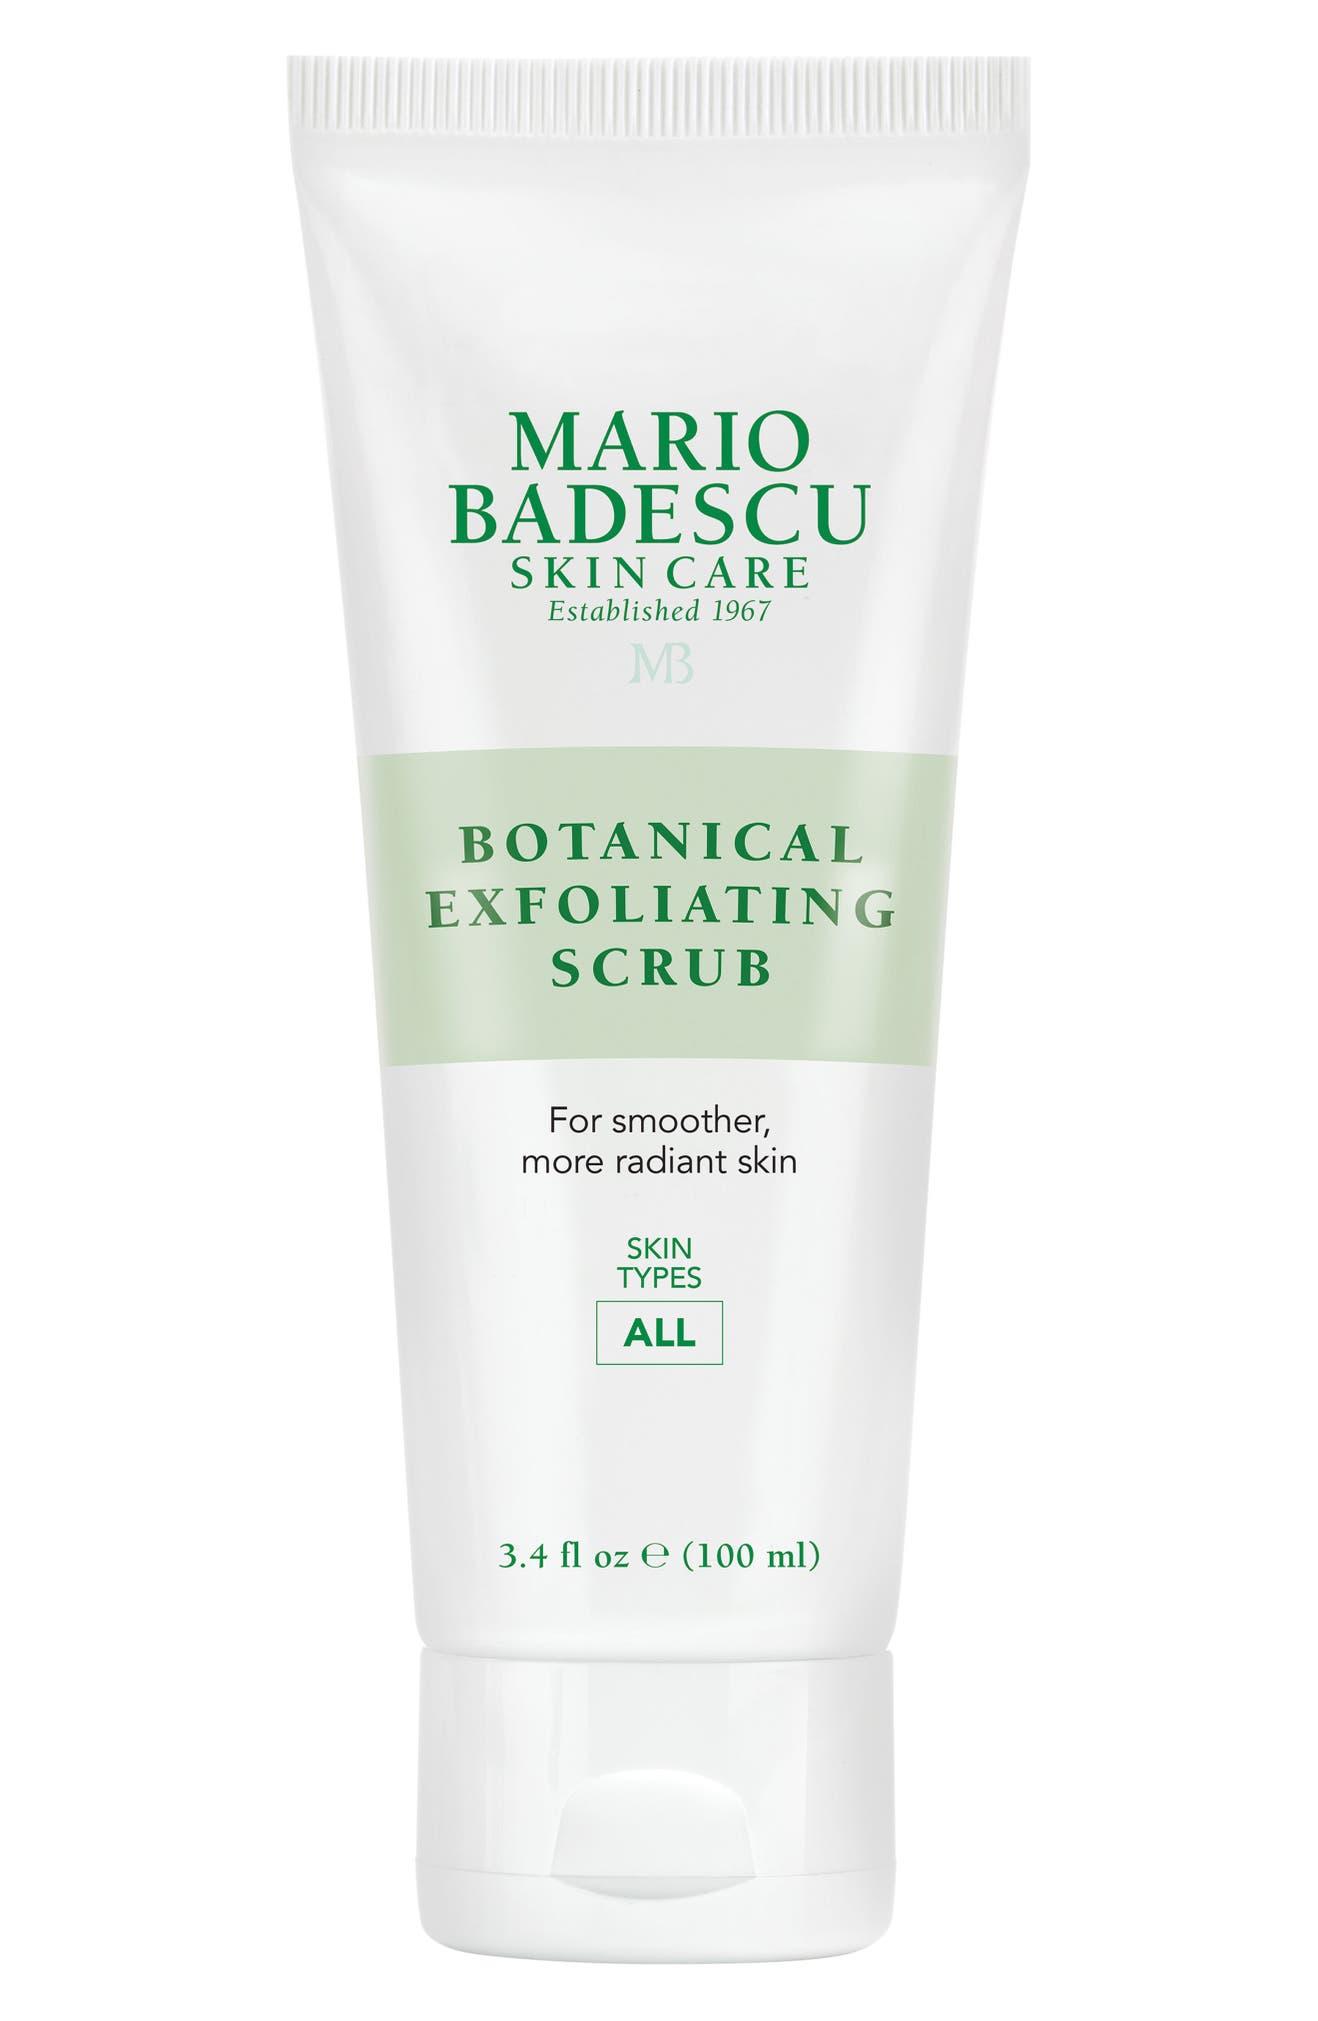 Image result for mario badescu botanical exfoliating scrub